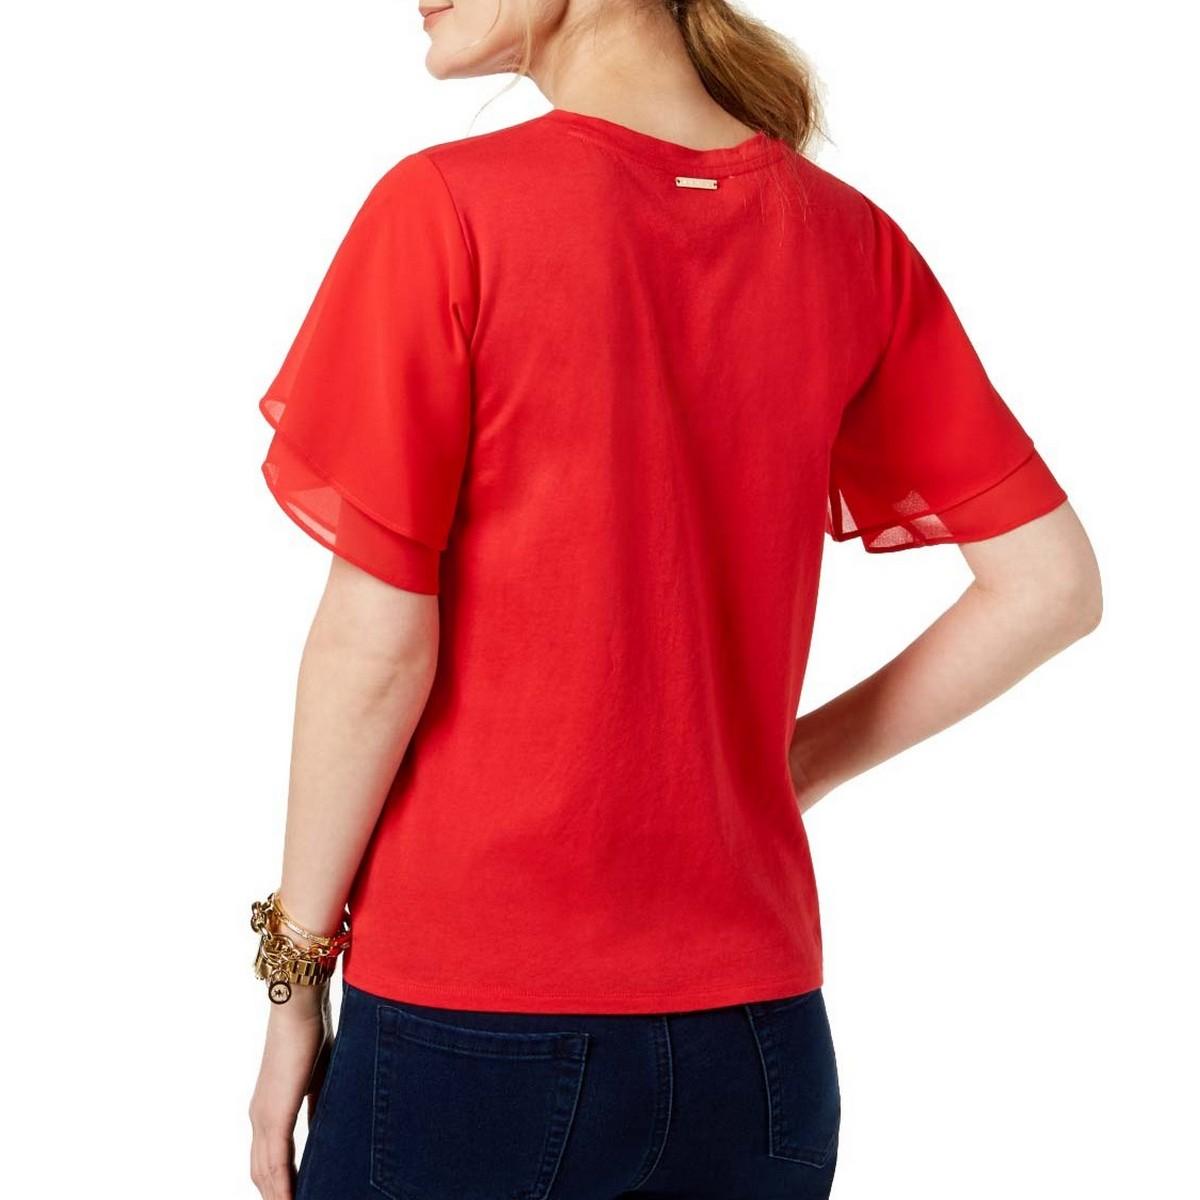 MICHAEL-KORS-NEW-Women-039-s-Tiered-Flutter-sleeve-Casual-Shirt-Top-TEDO thumbnail 6